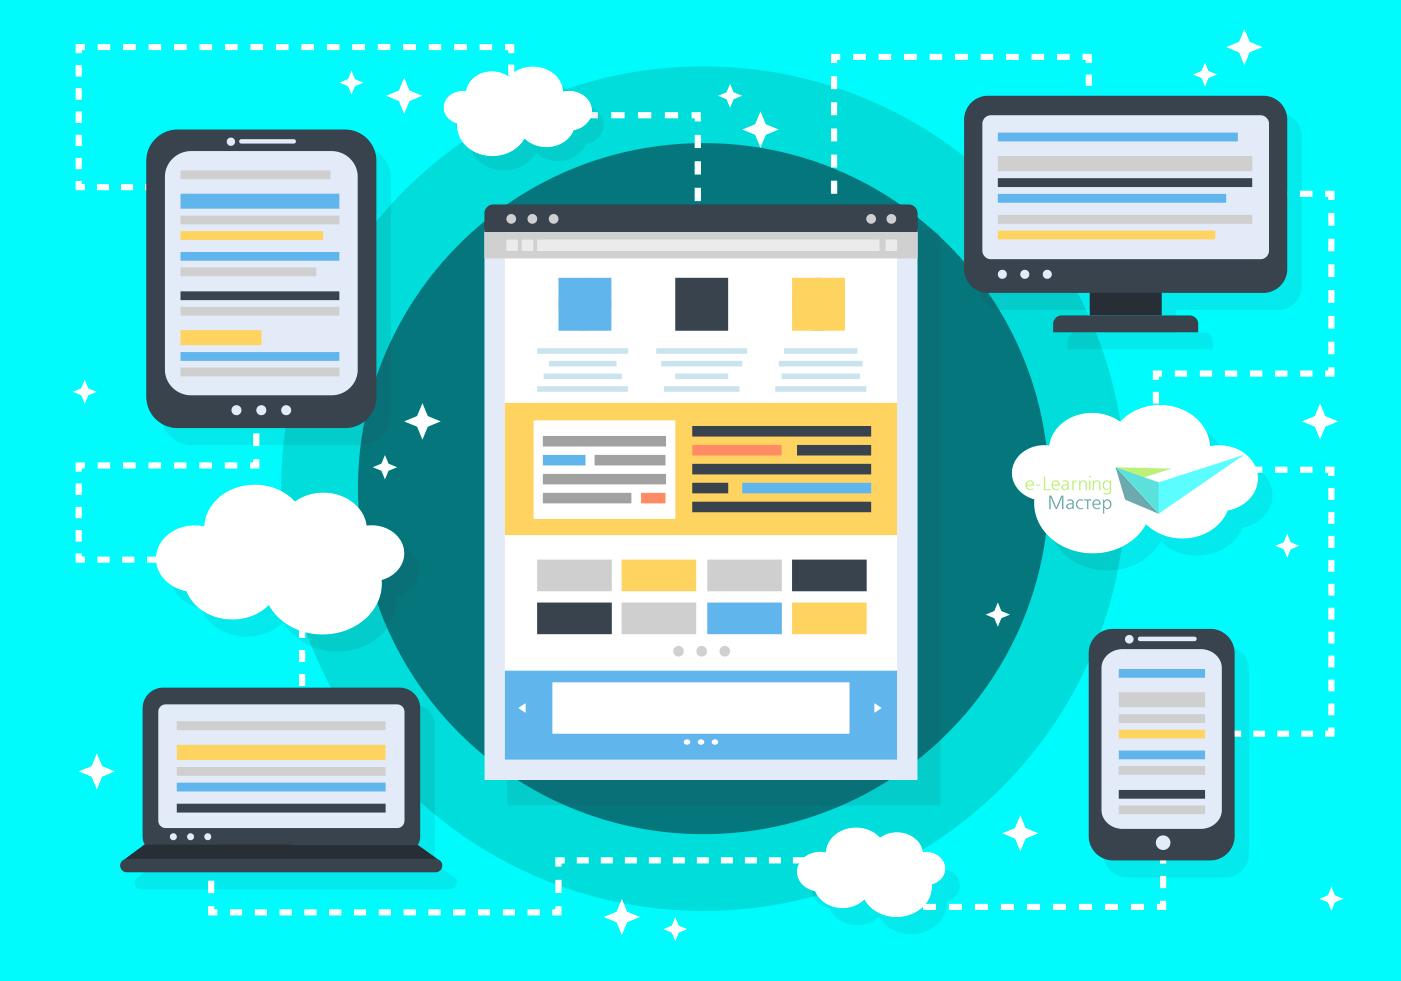 Создание и развитие учебного портала компании